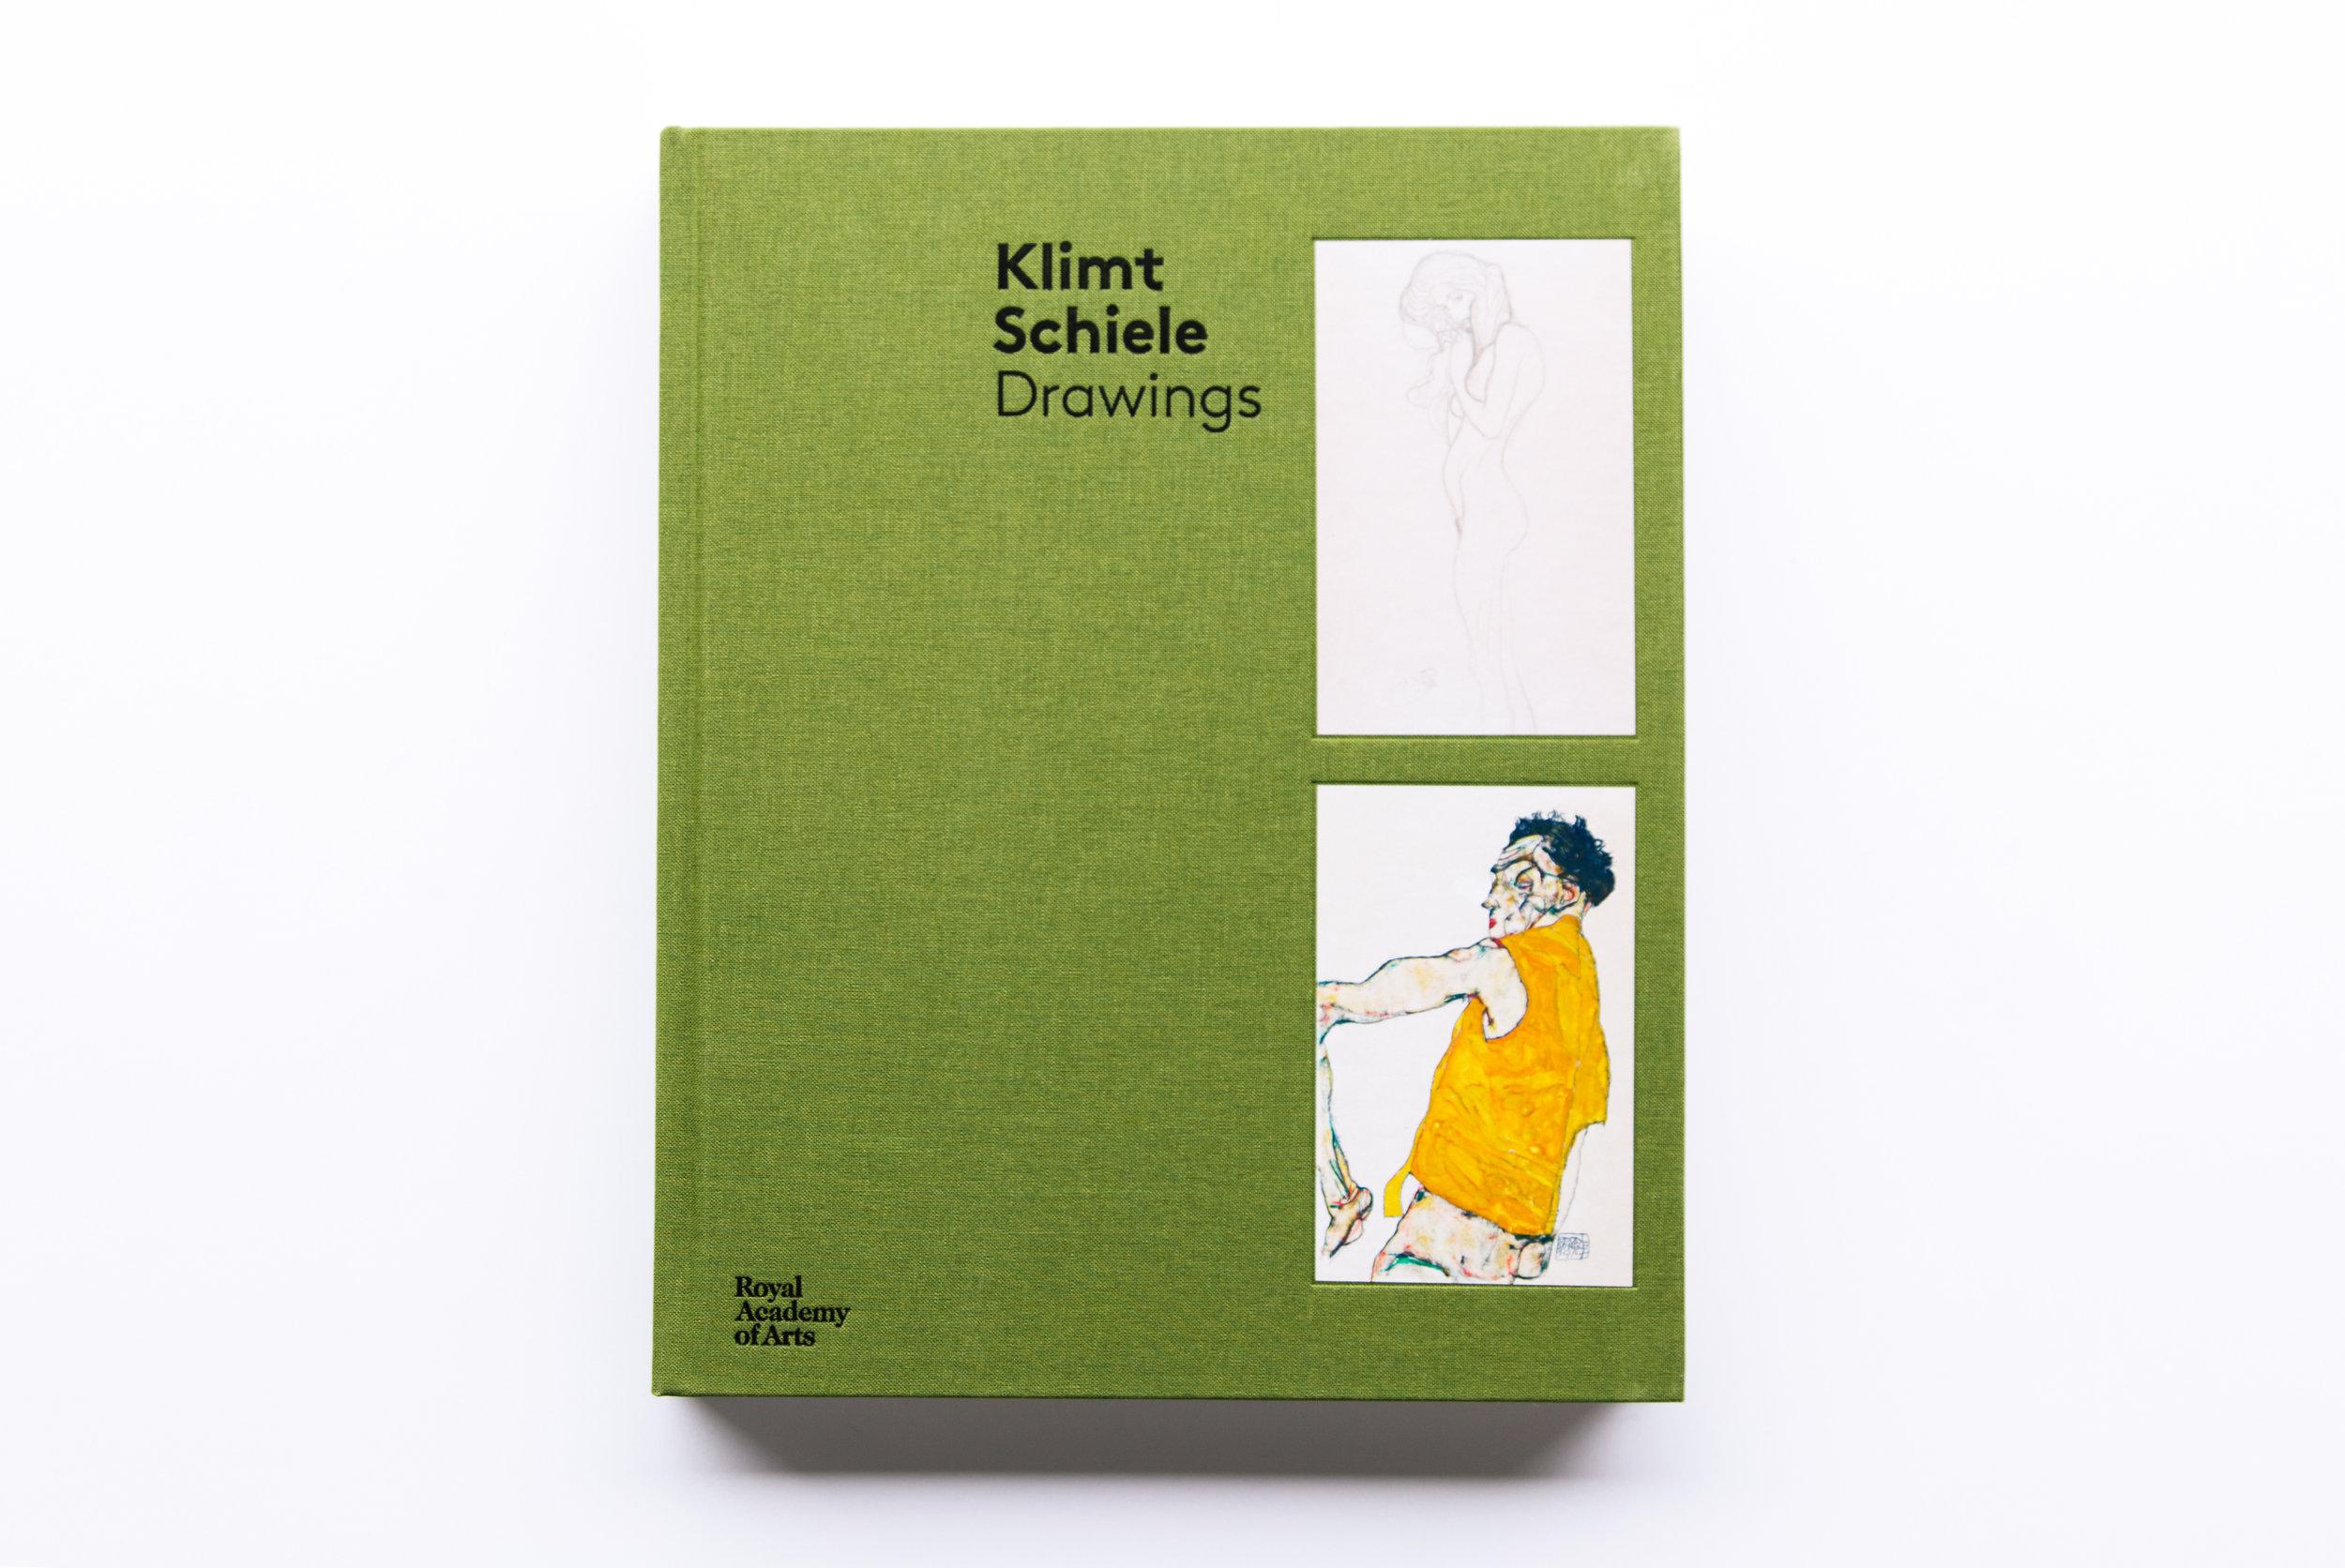 Klimt Schiele: Drawings